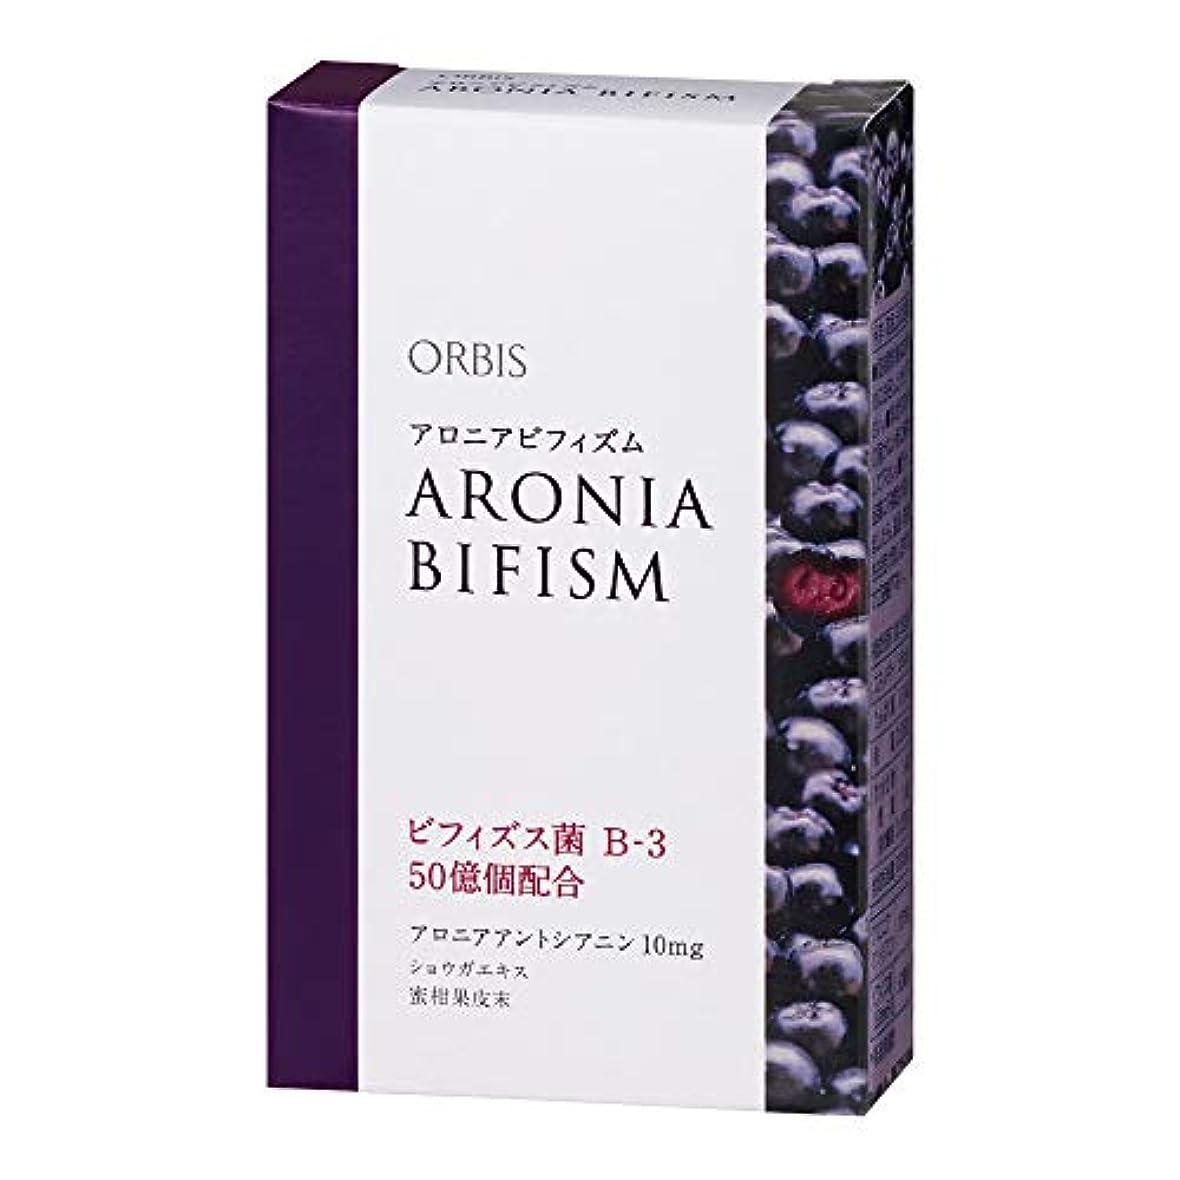 主導権タール耐えるオルビス(ORBIS) アロニアビフィズム(ミックスベリー風味) 15日分(1.5g×15袋) ◎美容サプリメント◎